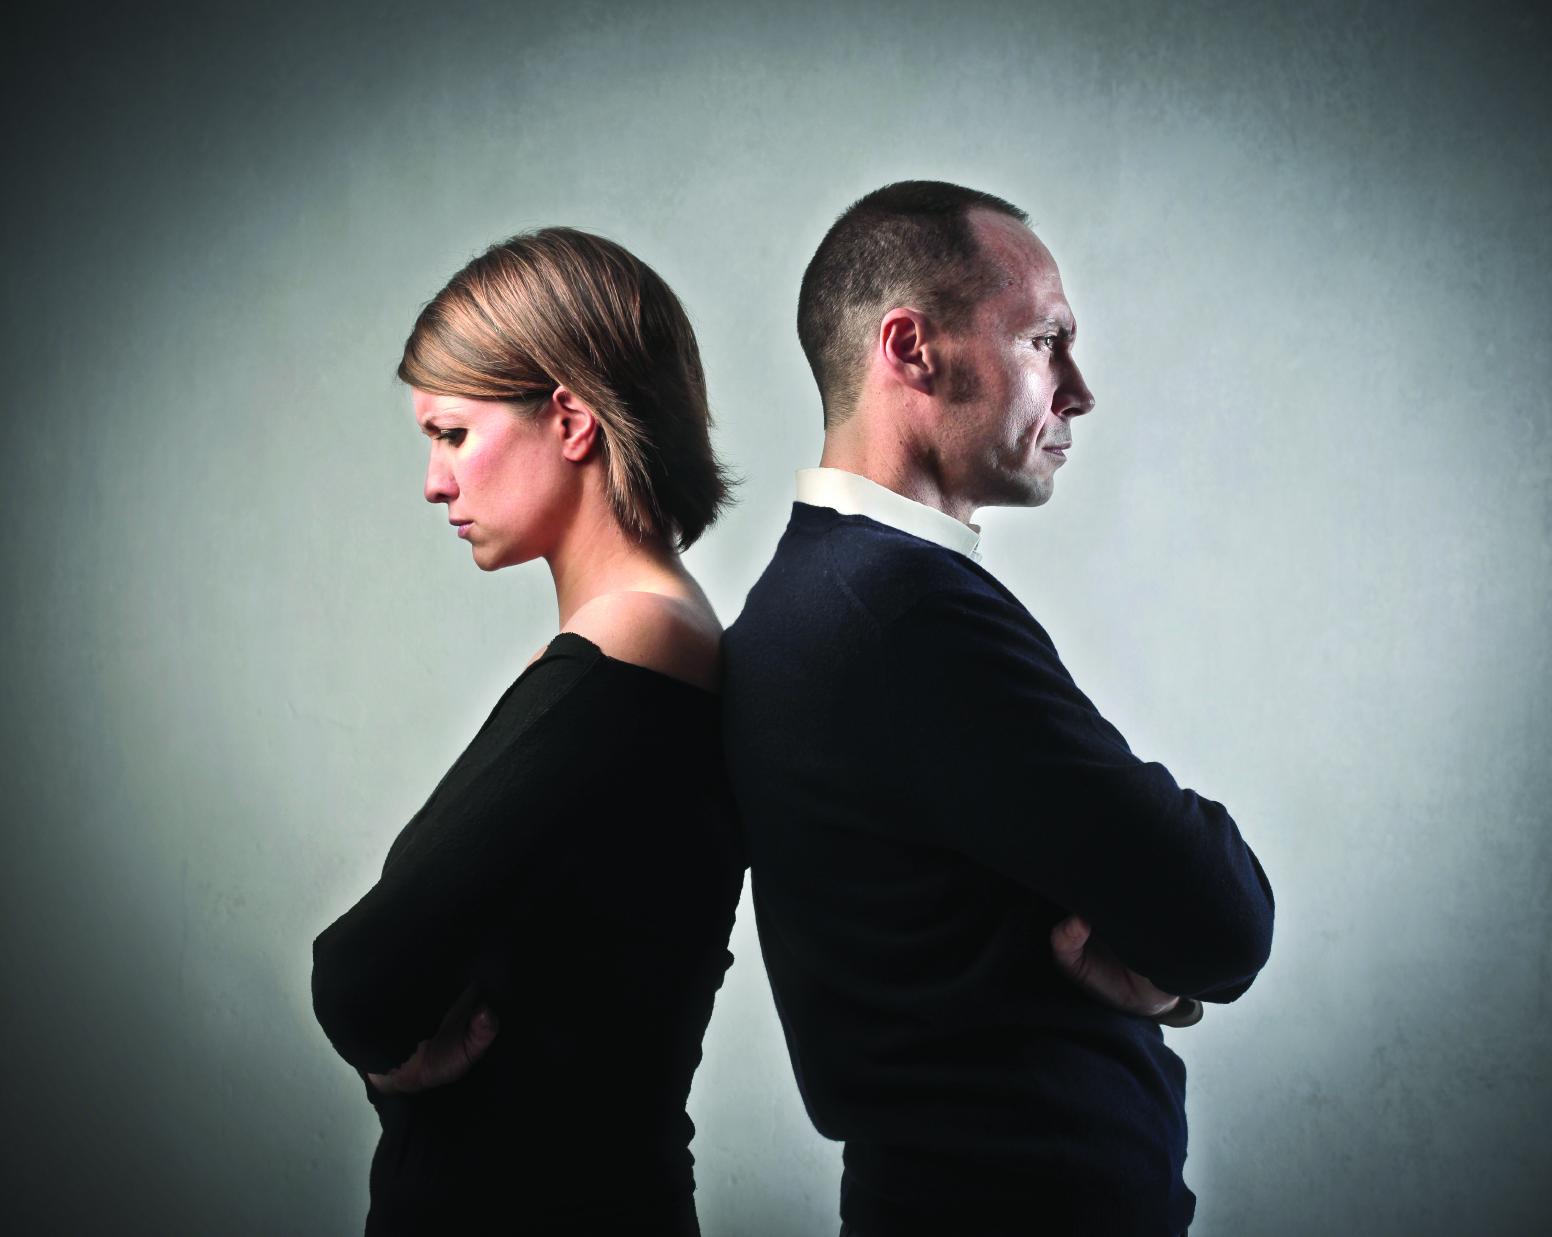 Duas pessoas que silenciam no trabalho